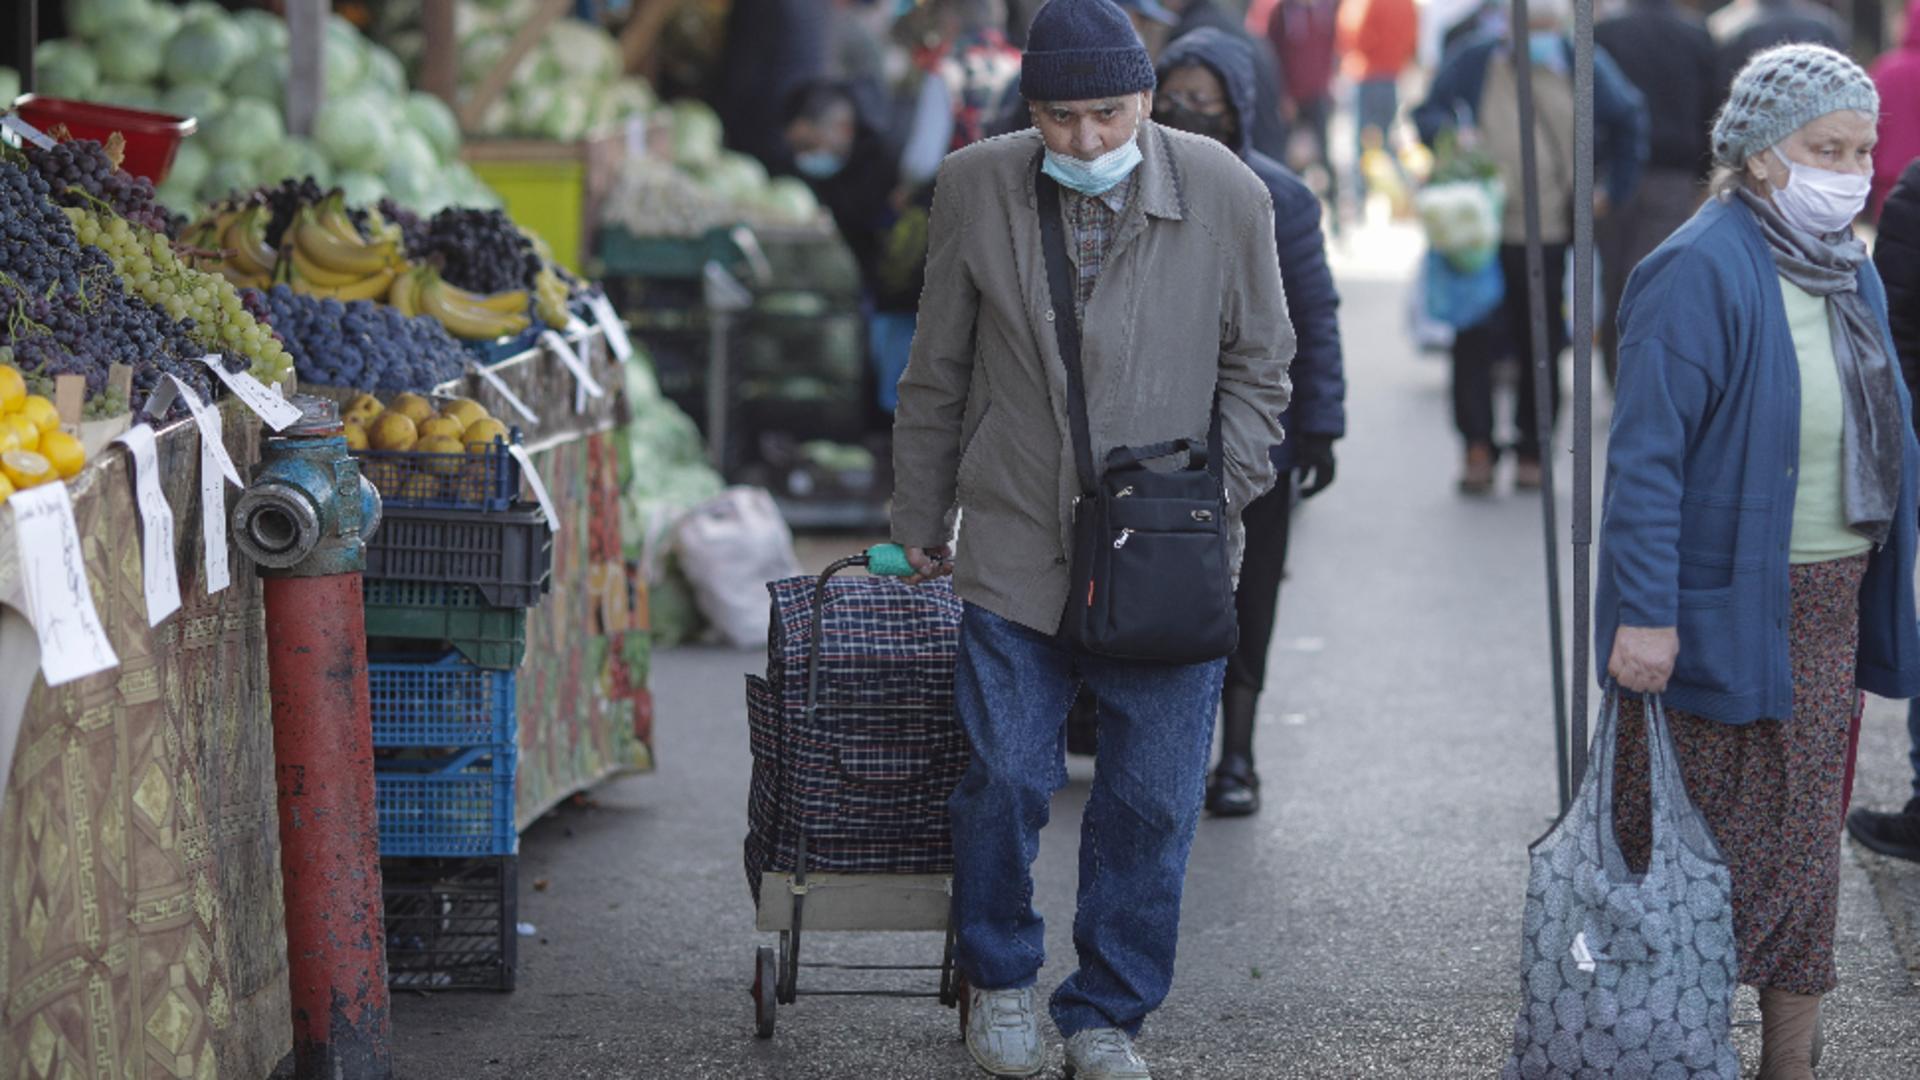 Fostul ministru al Muncii, Olguța Vasilescu: Pensiile vor scădea / Foto: Inquam Photos